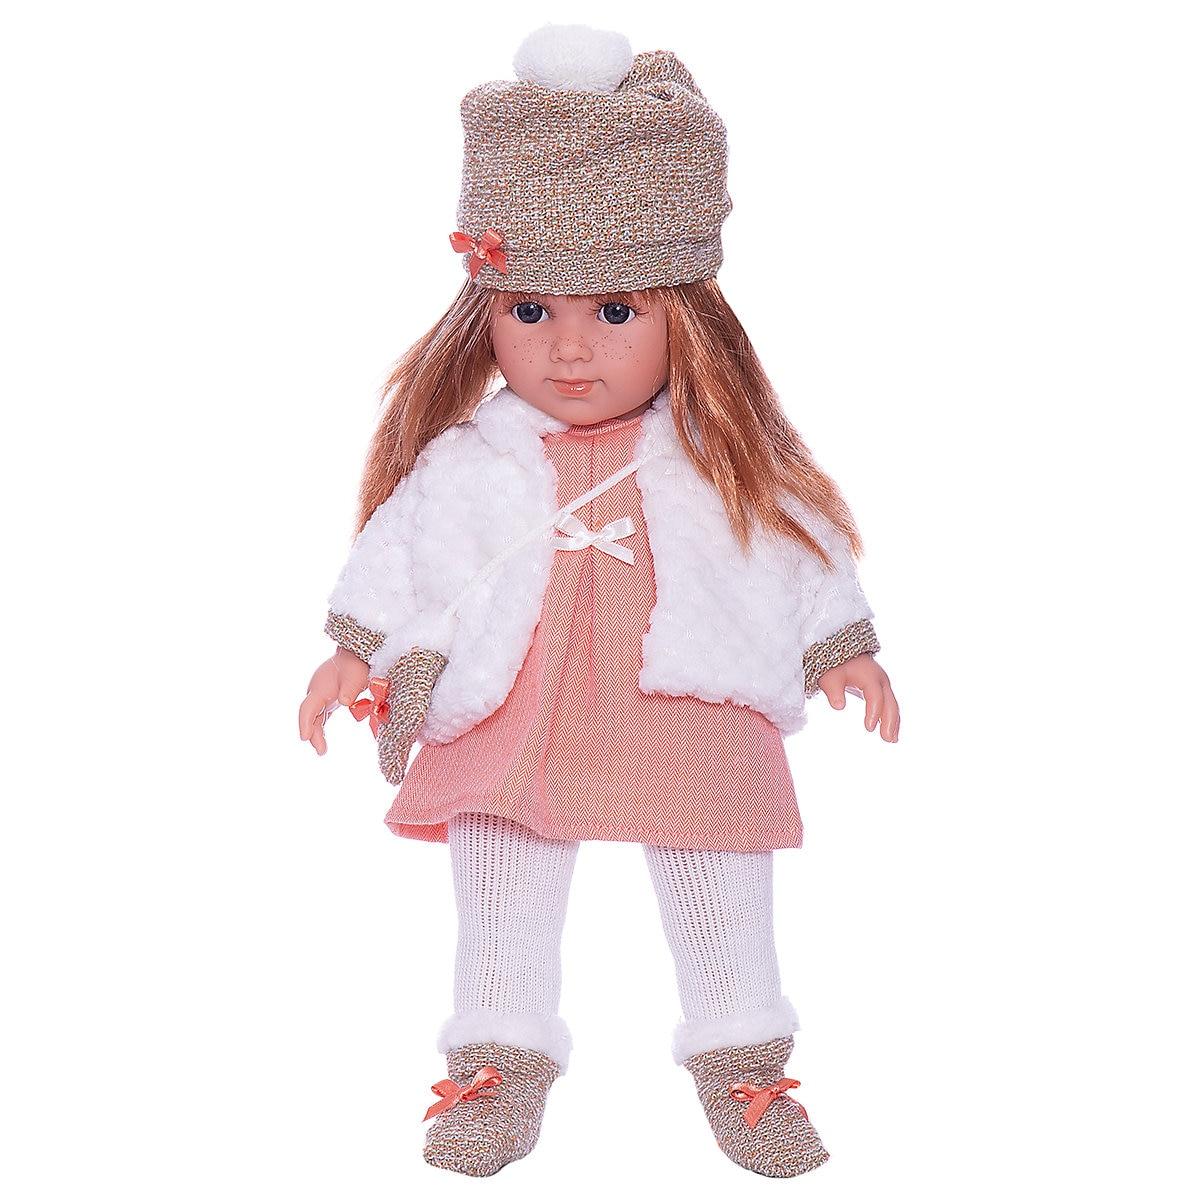 леонидов кукла лоренс елена могут